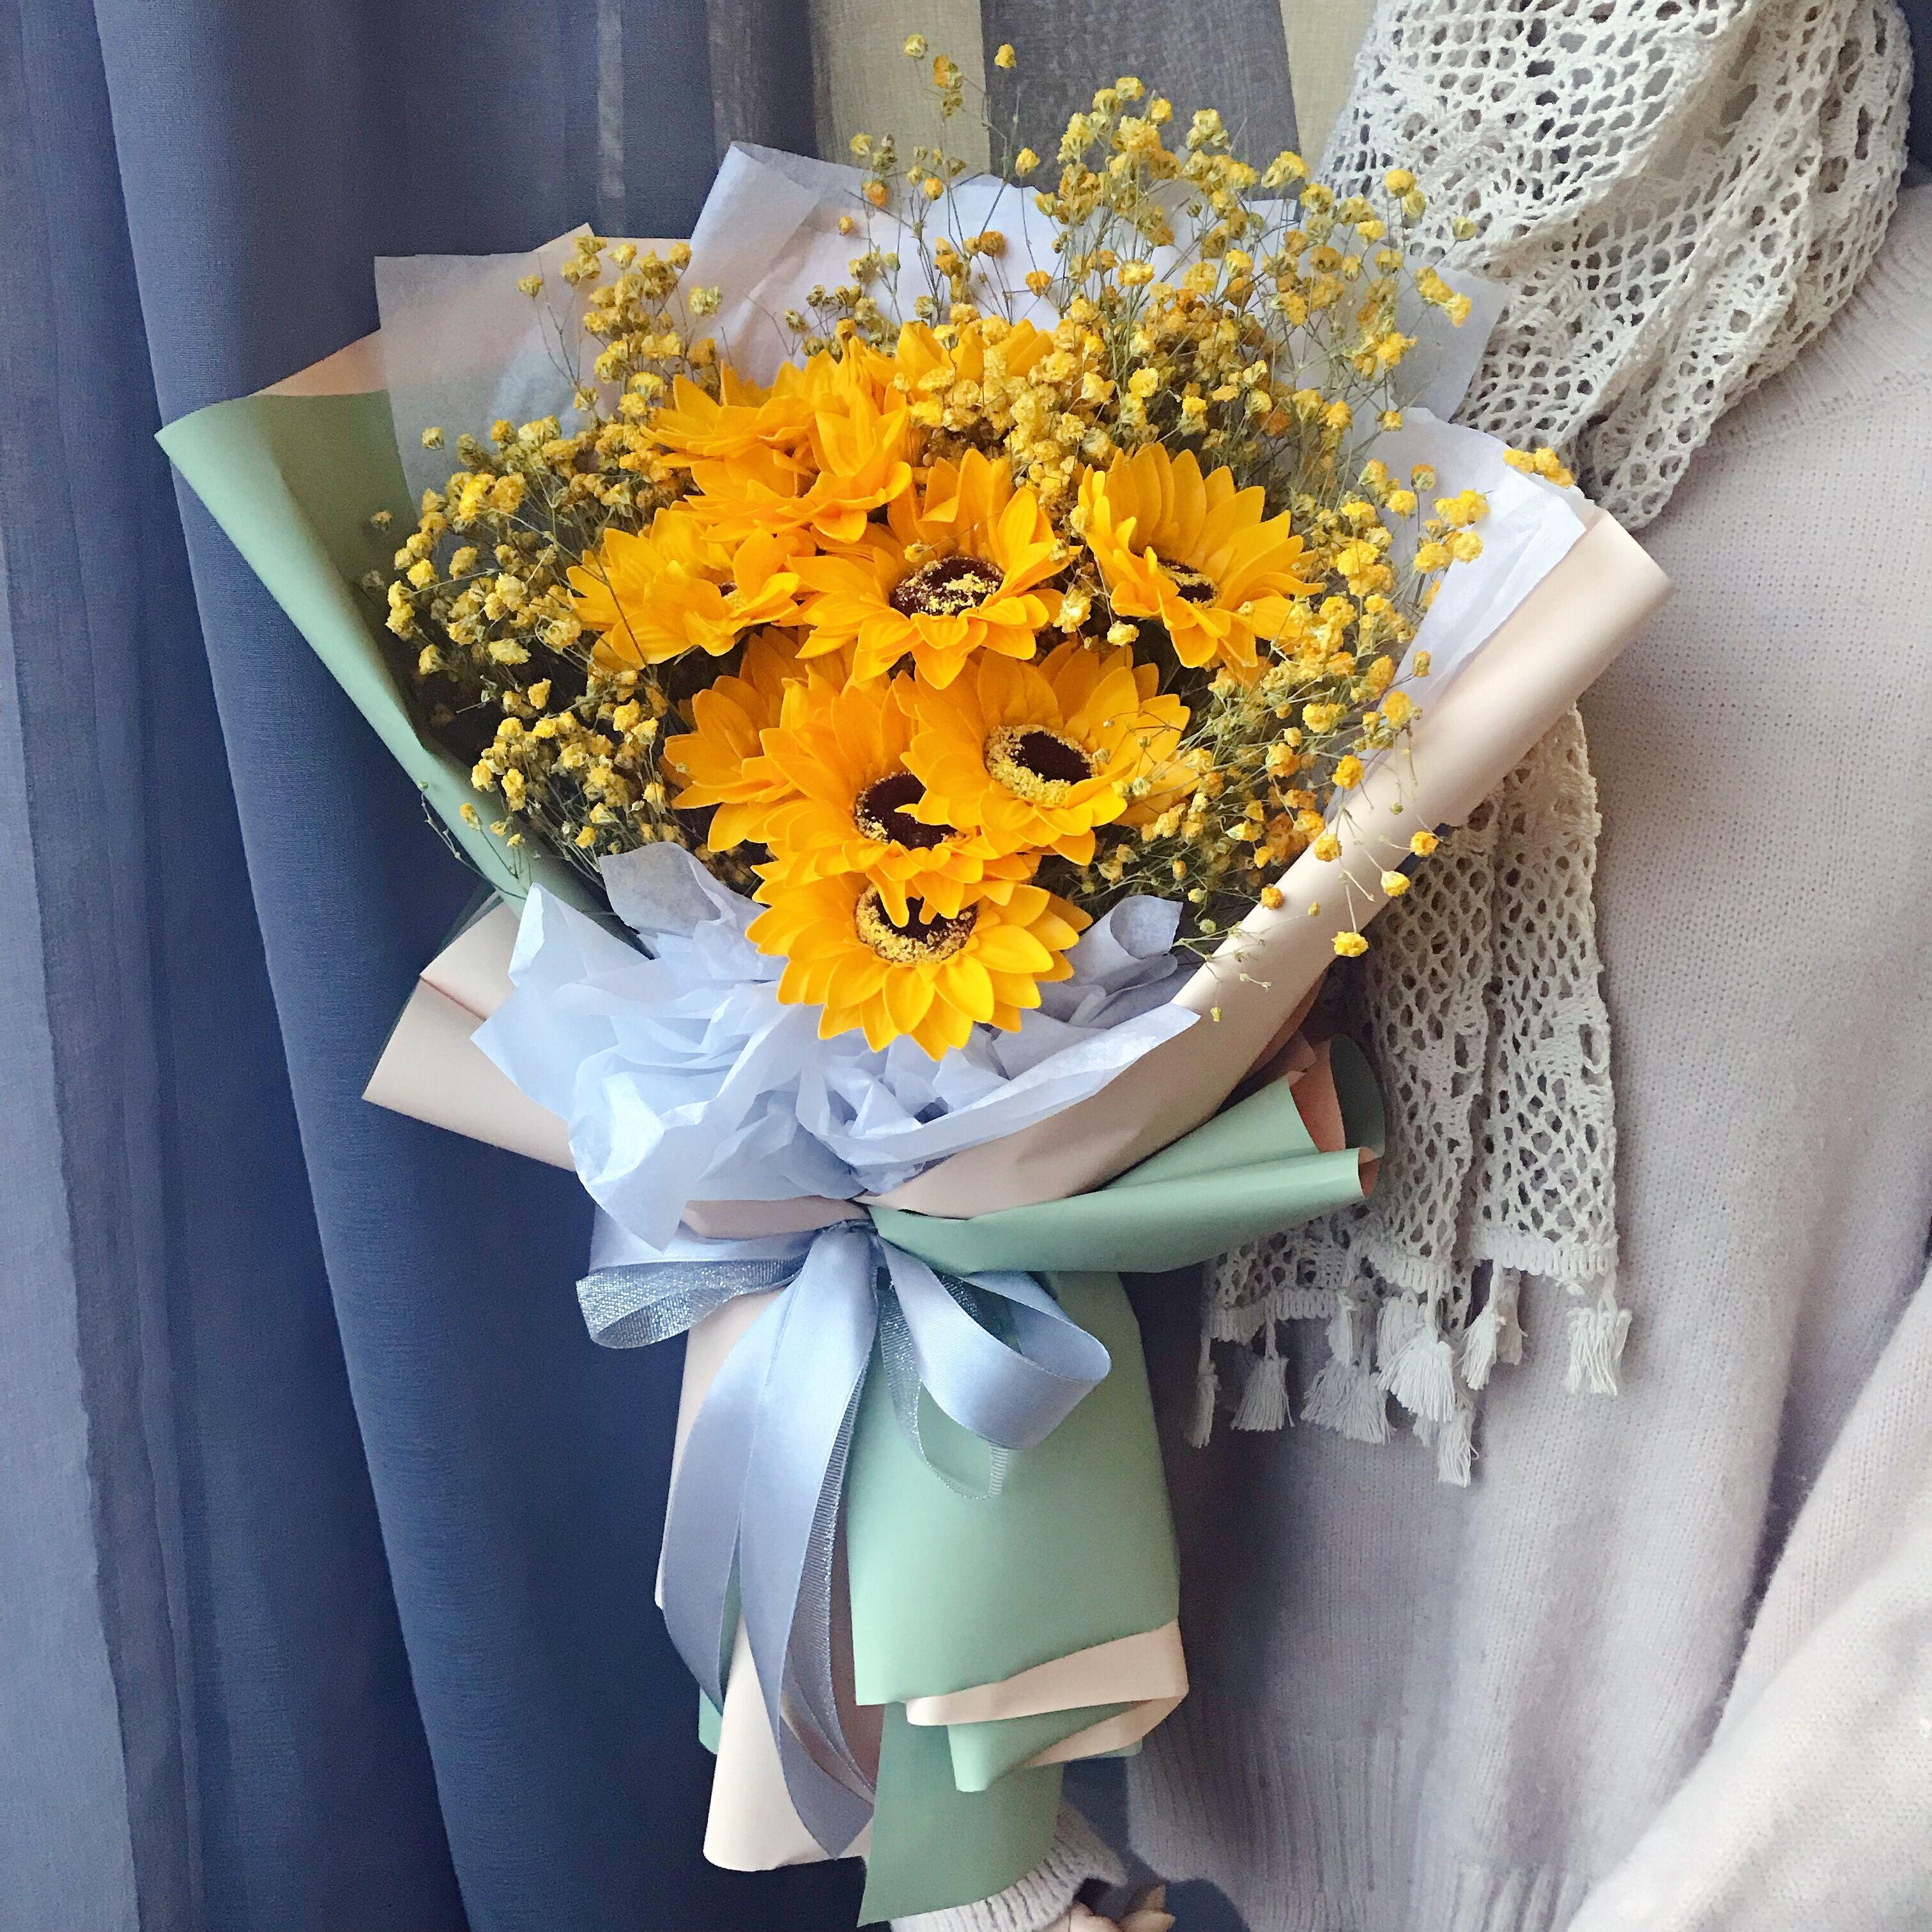 。夕情人礼物送花女生生日教师节大花束满天星真花向日葵皂花玫瑰